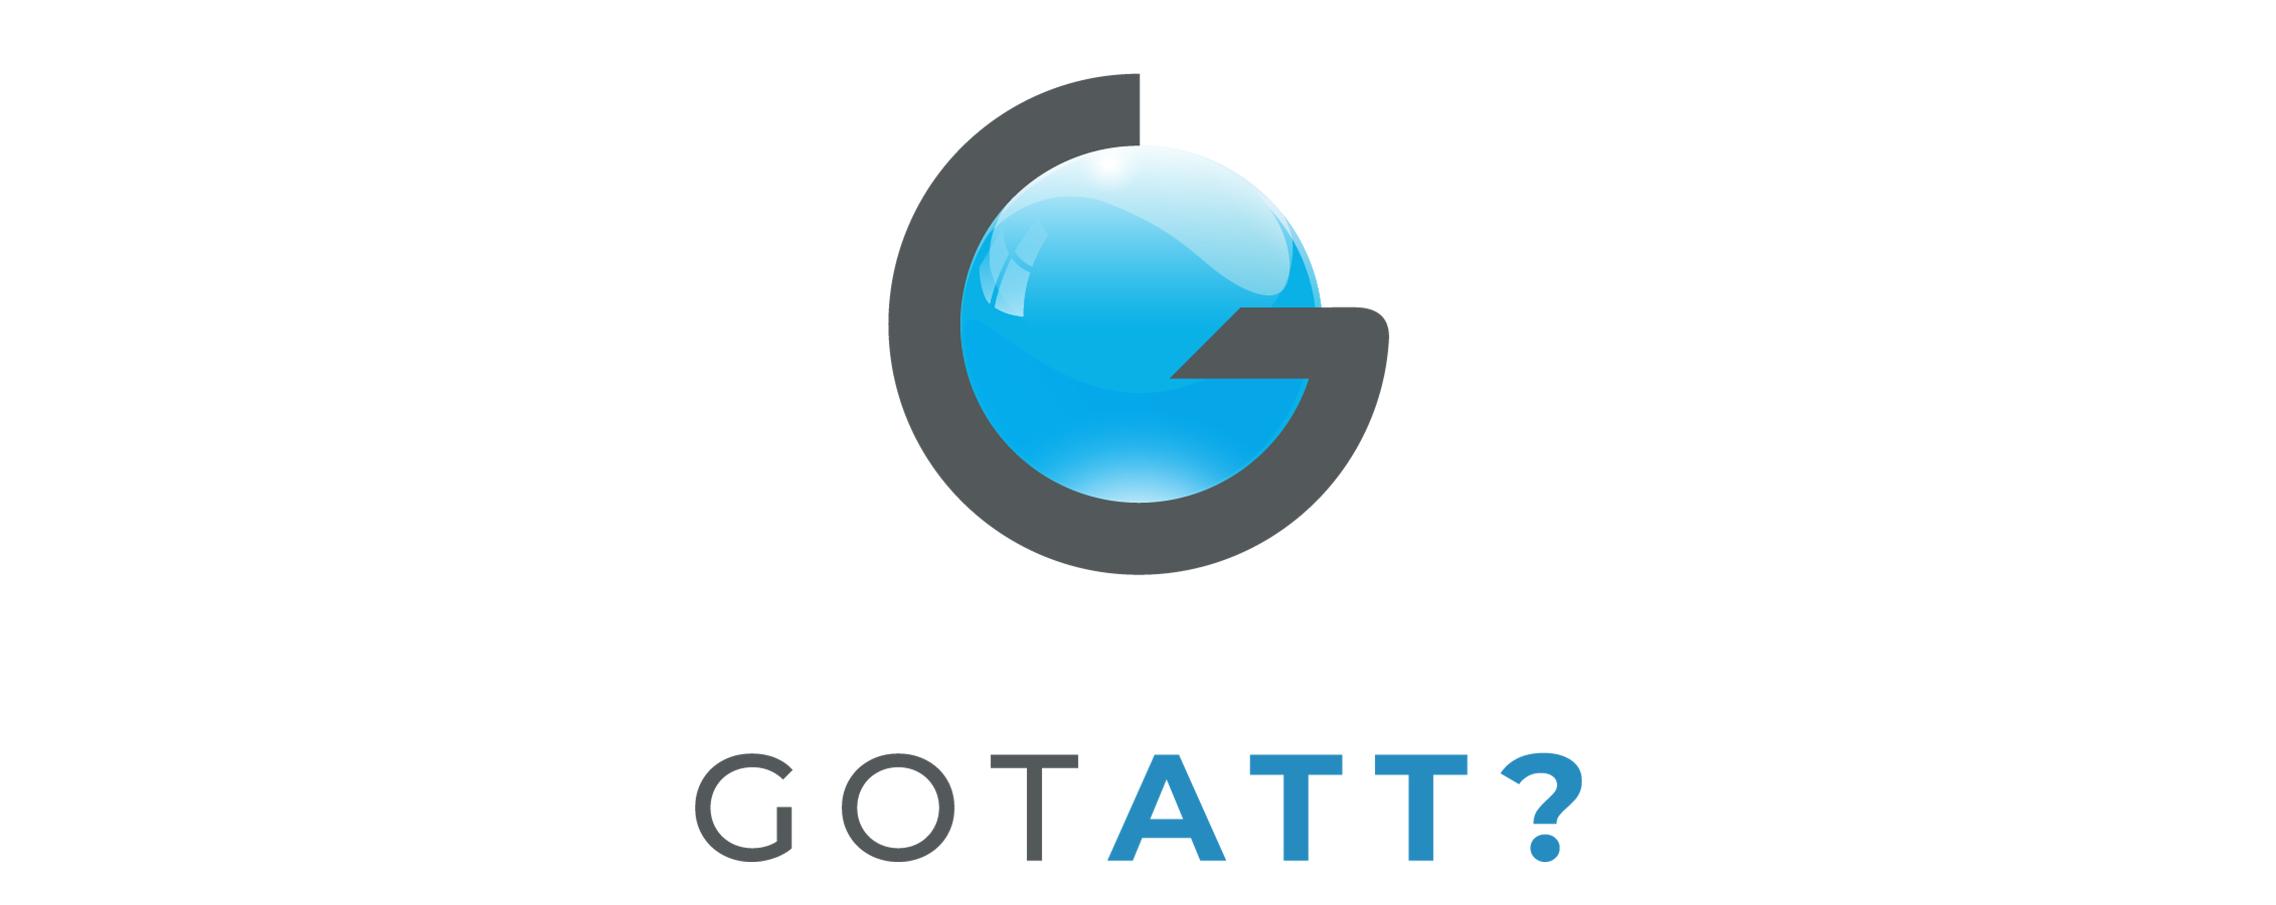 3vd-gotATT-digital-white.png